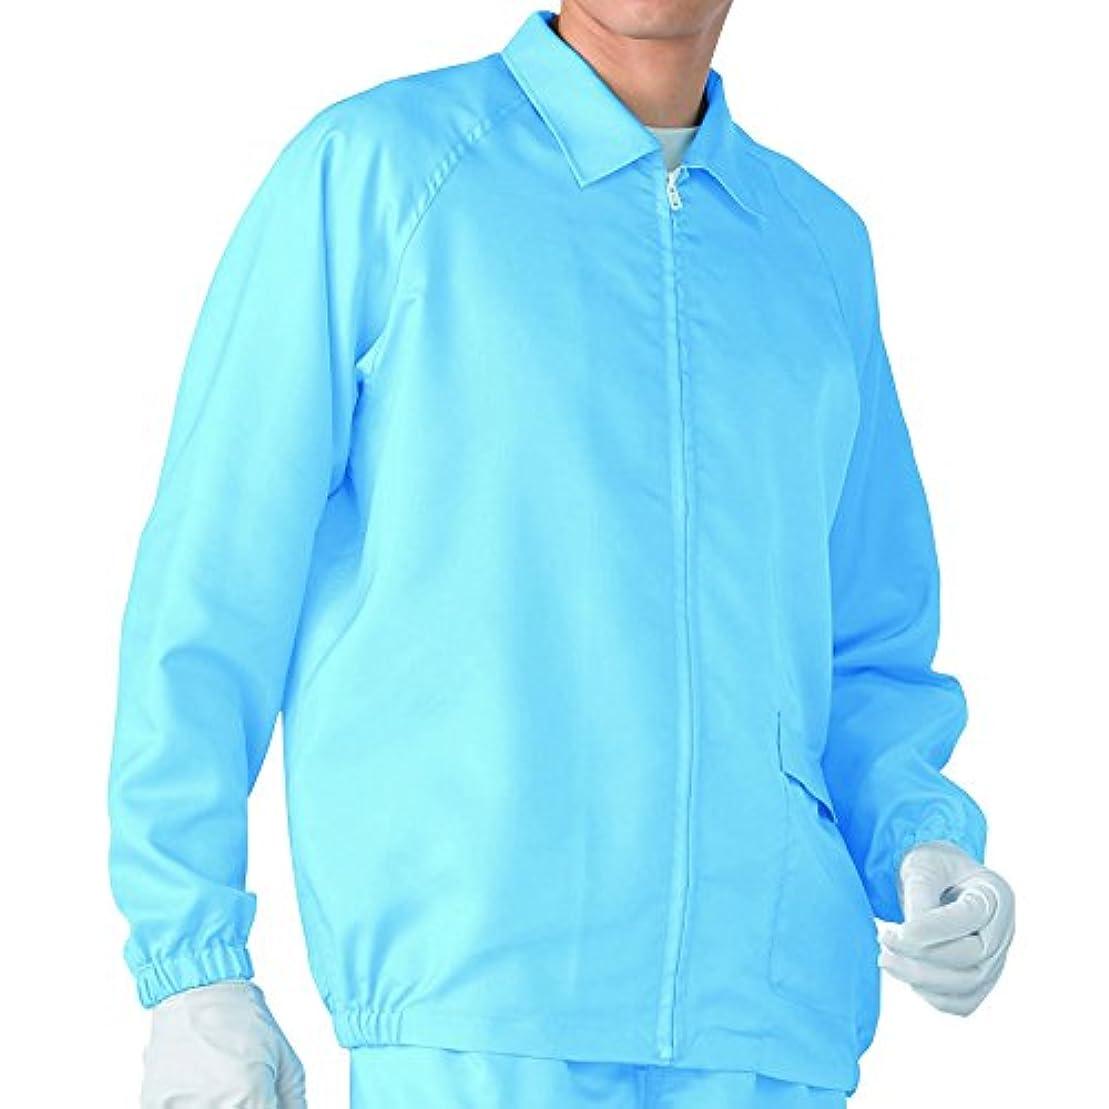 社会学最高専門用語アズワン 無塵衣AS203C 上衣 ブルー